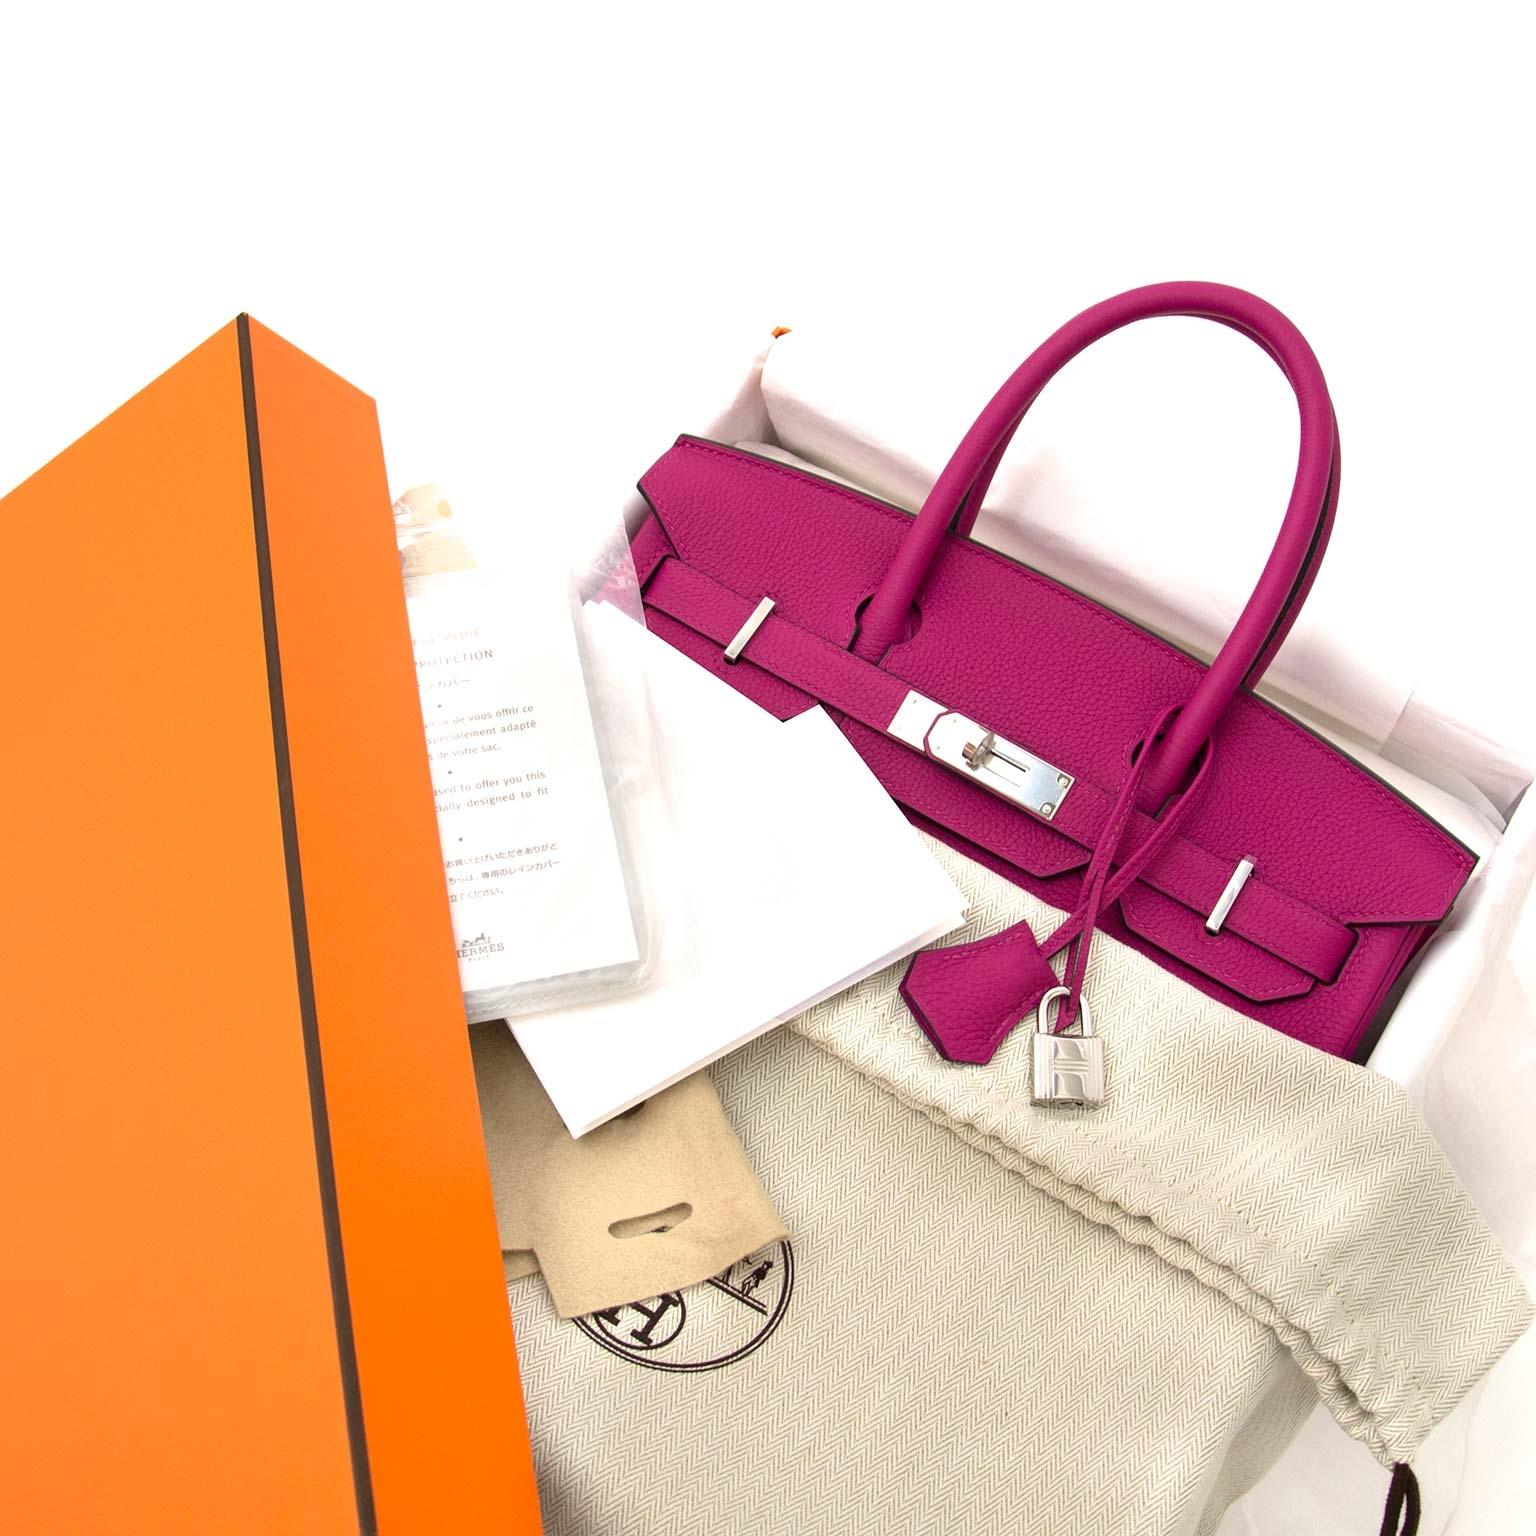 ... acheter en ligne chez labellov.com Hermès Birkin 30 Togo Pourpre PHW aa1a16868d9